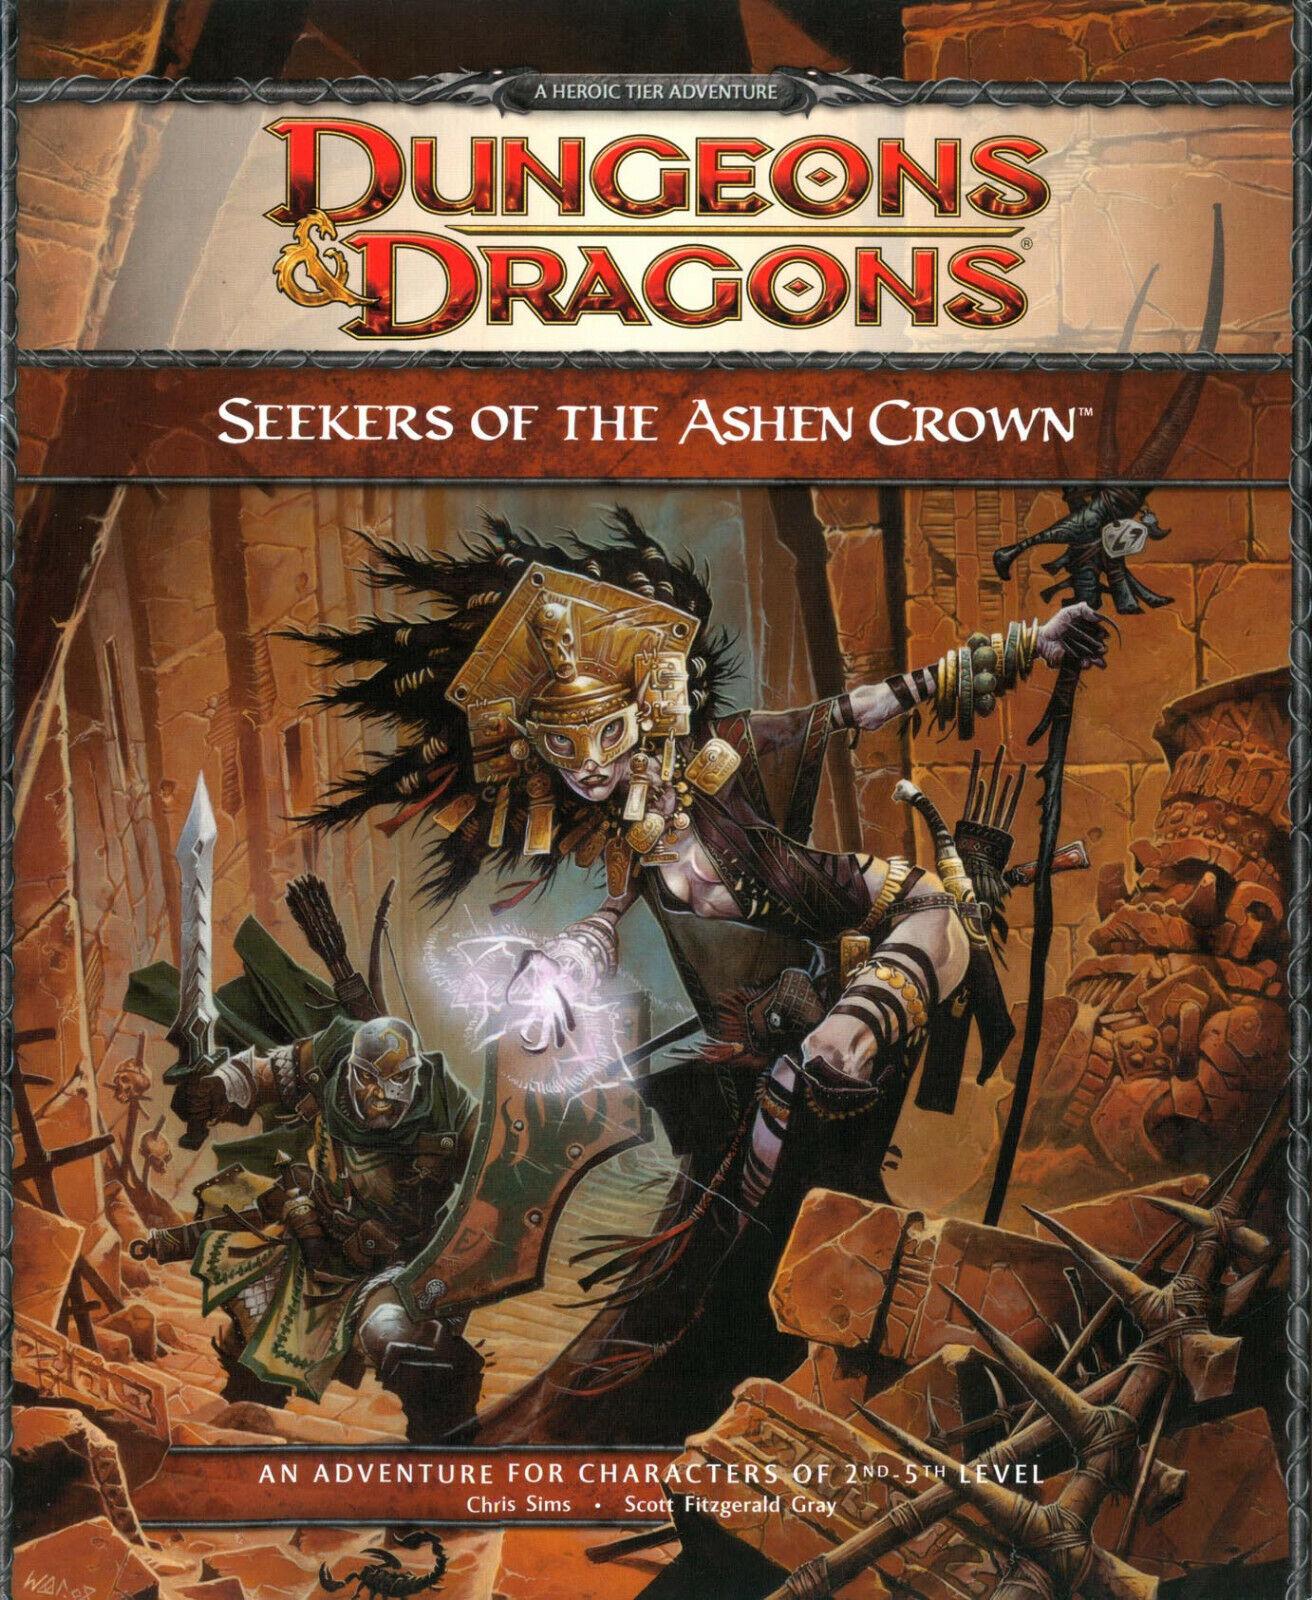 Cercatori della corona Ashen  AVVENTURA PER D&D 4th EDIZIONE (Dungeons & Dragons)  comodamente